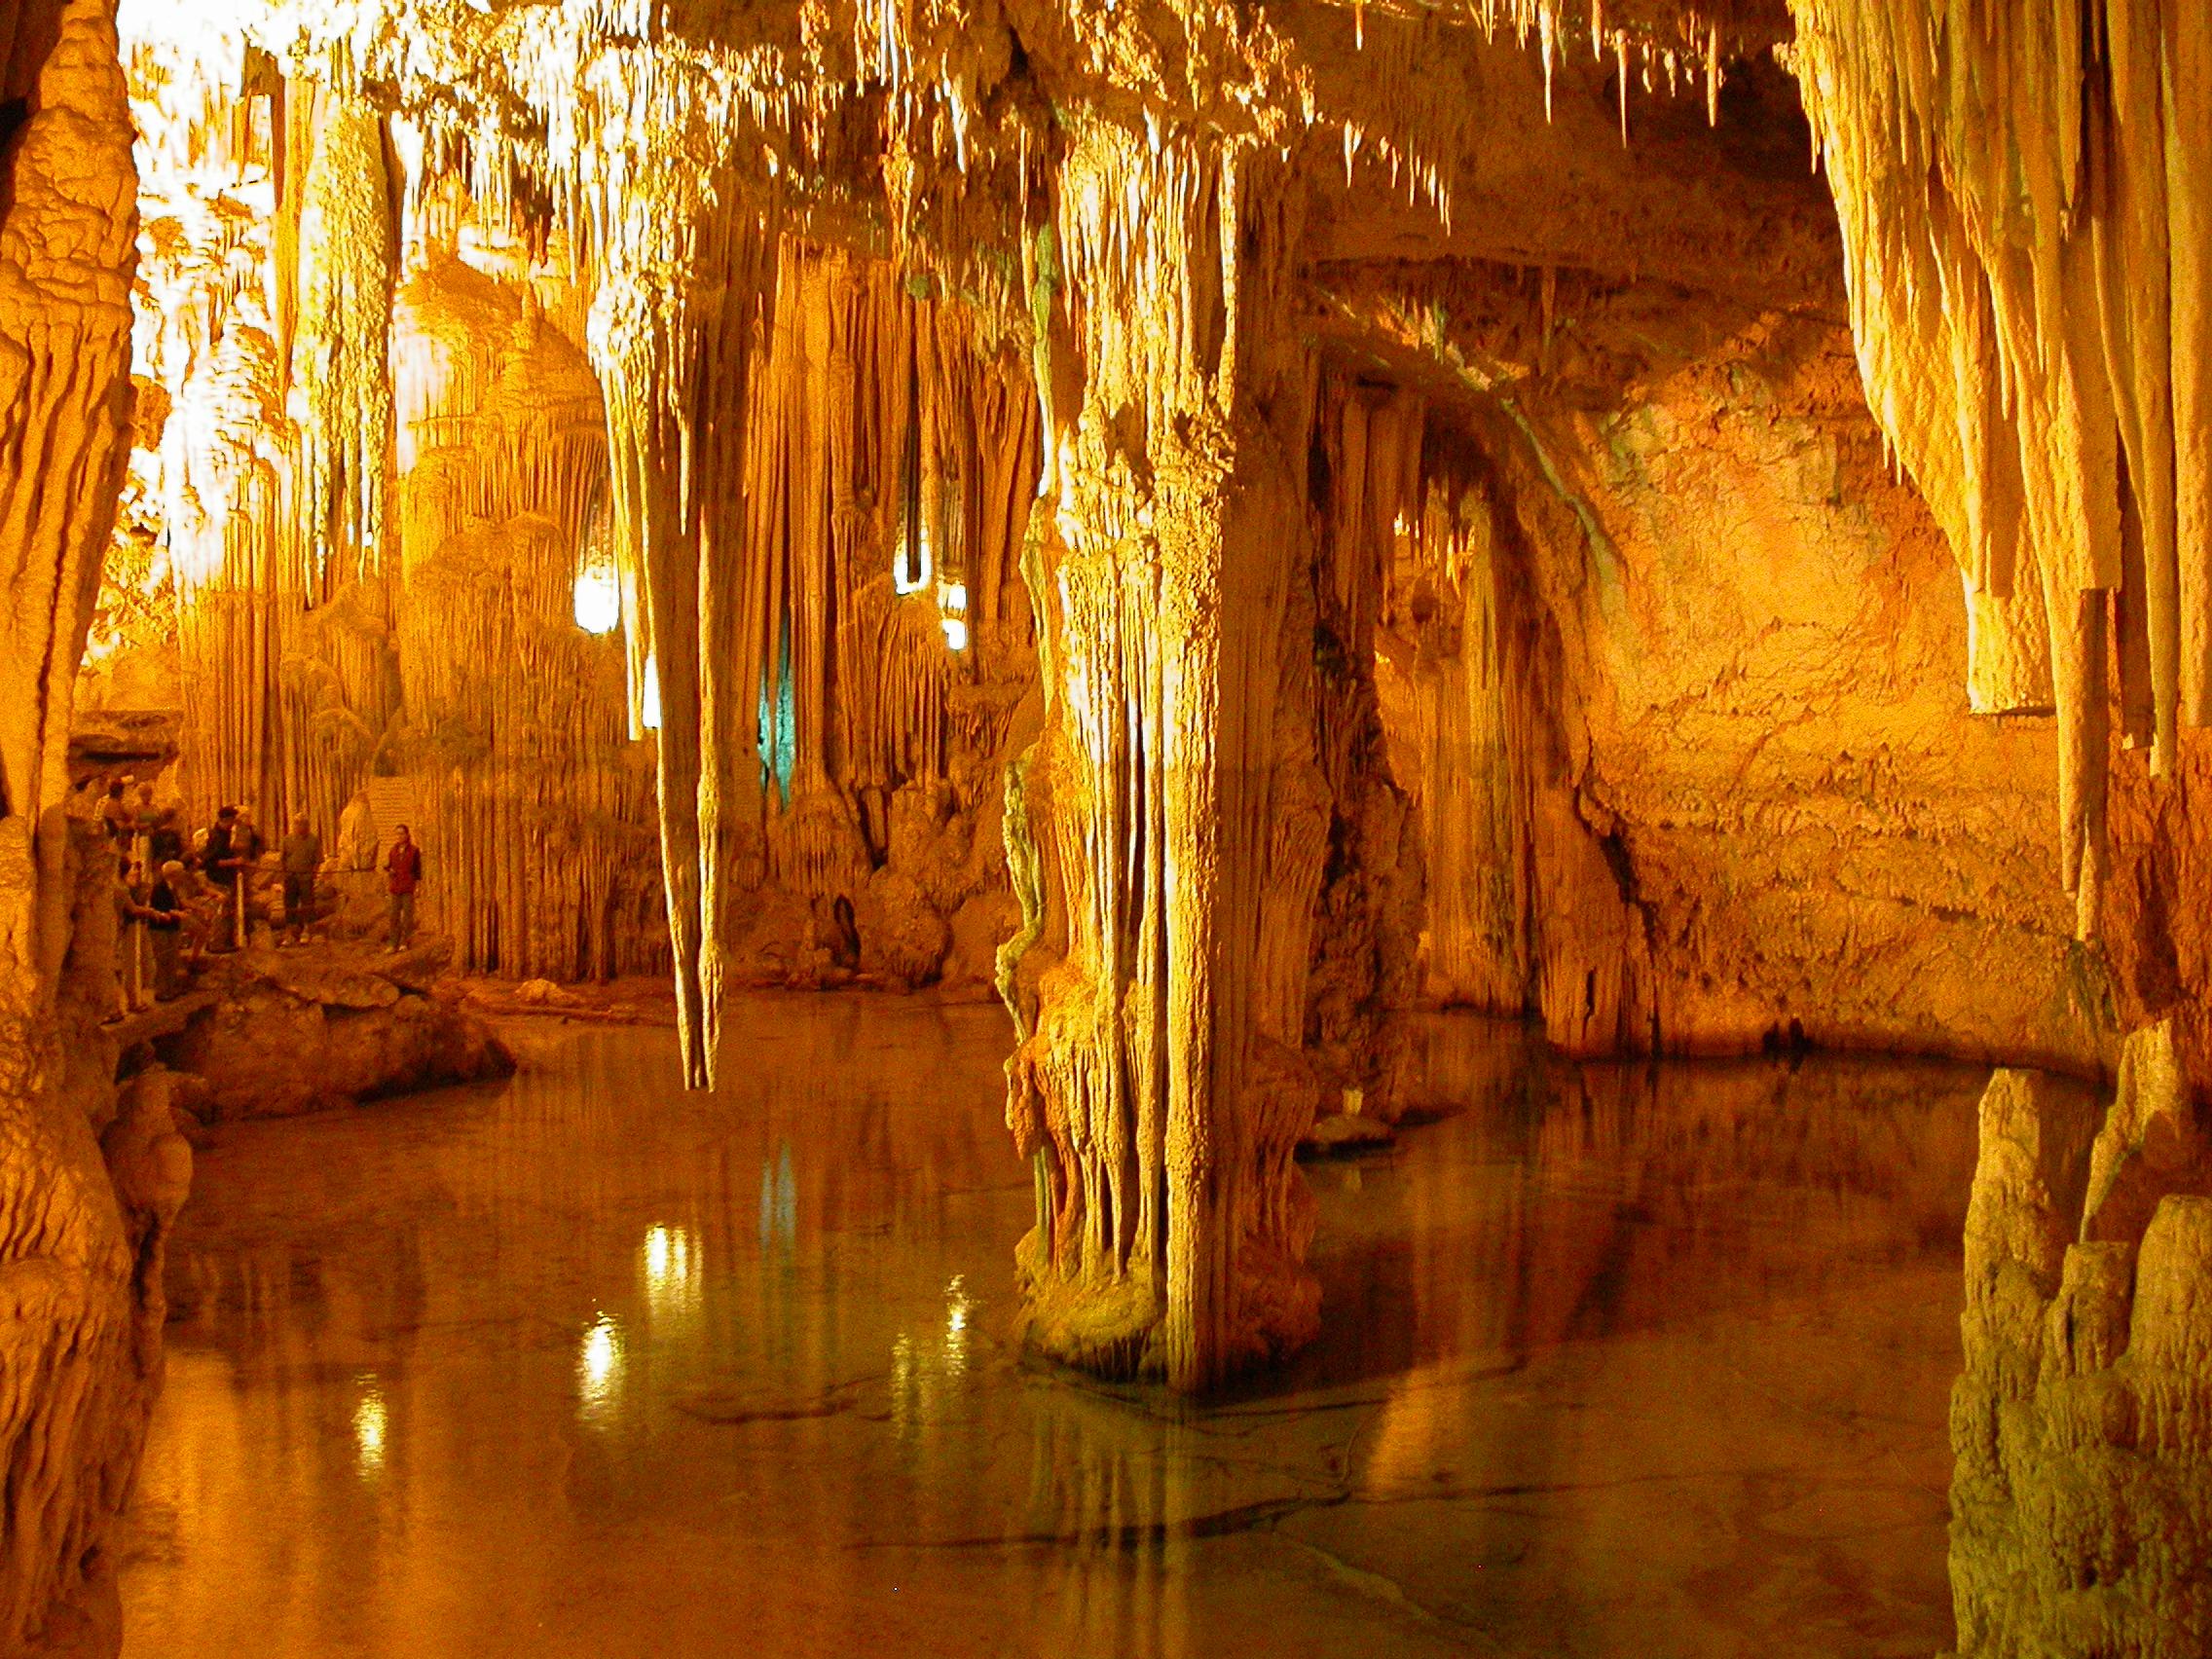 La bellezza nascosta delle grotte di Nettuno ad Alghero